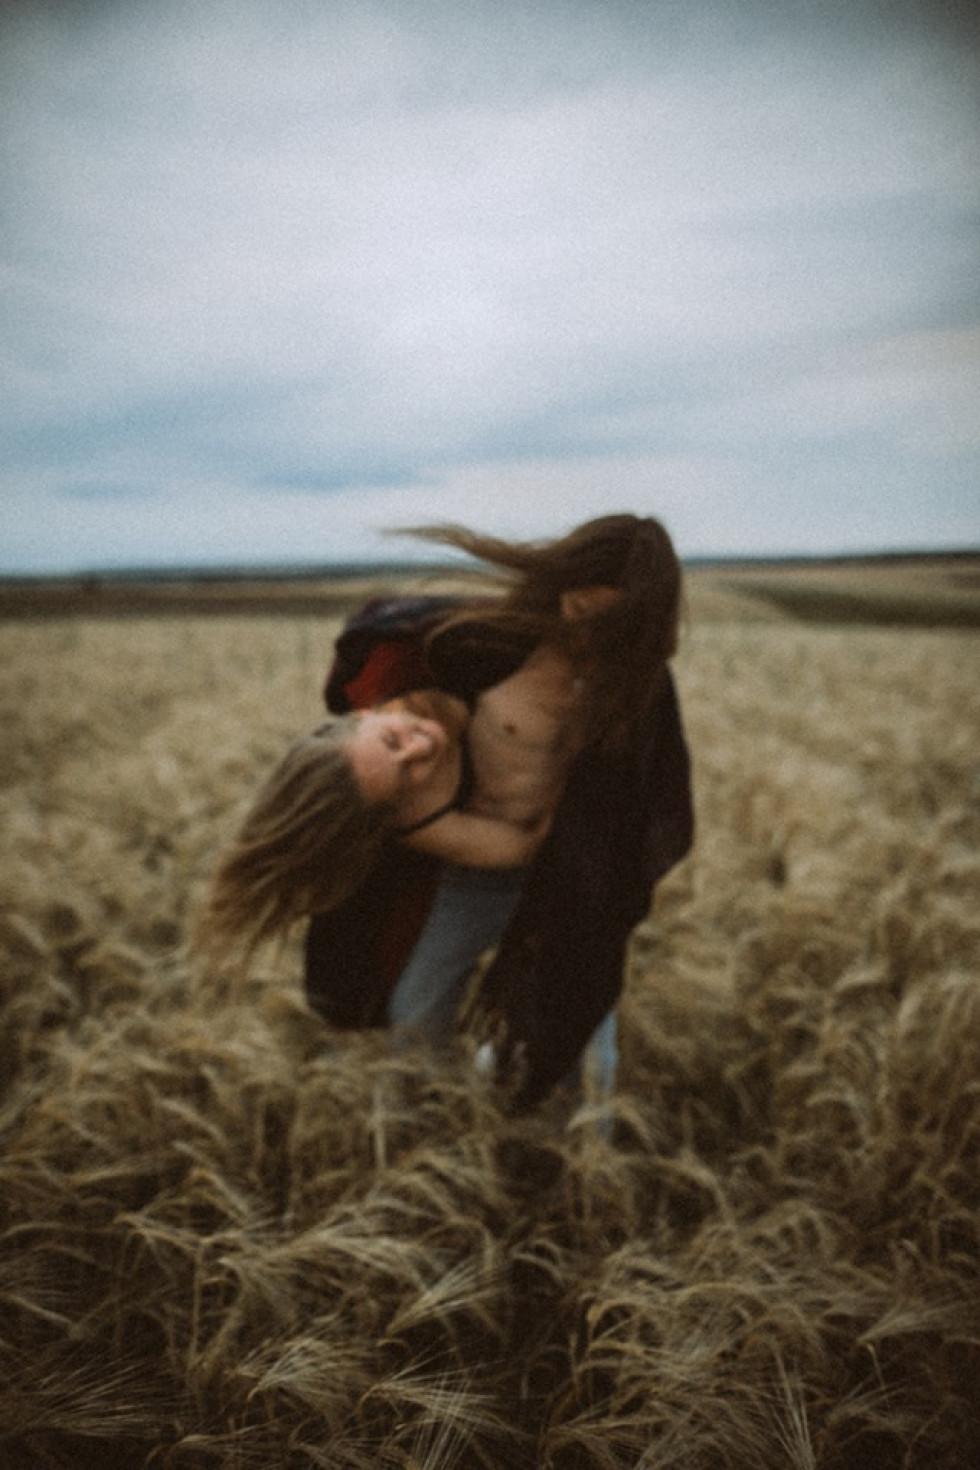 Луцький майстер еротичних світлин знявся у пікантній фотосесії з дружиною